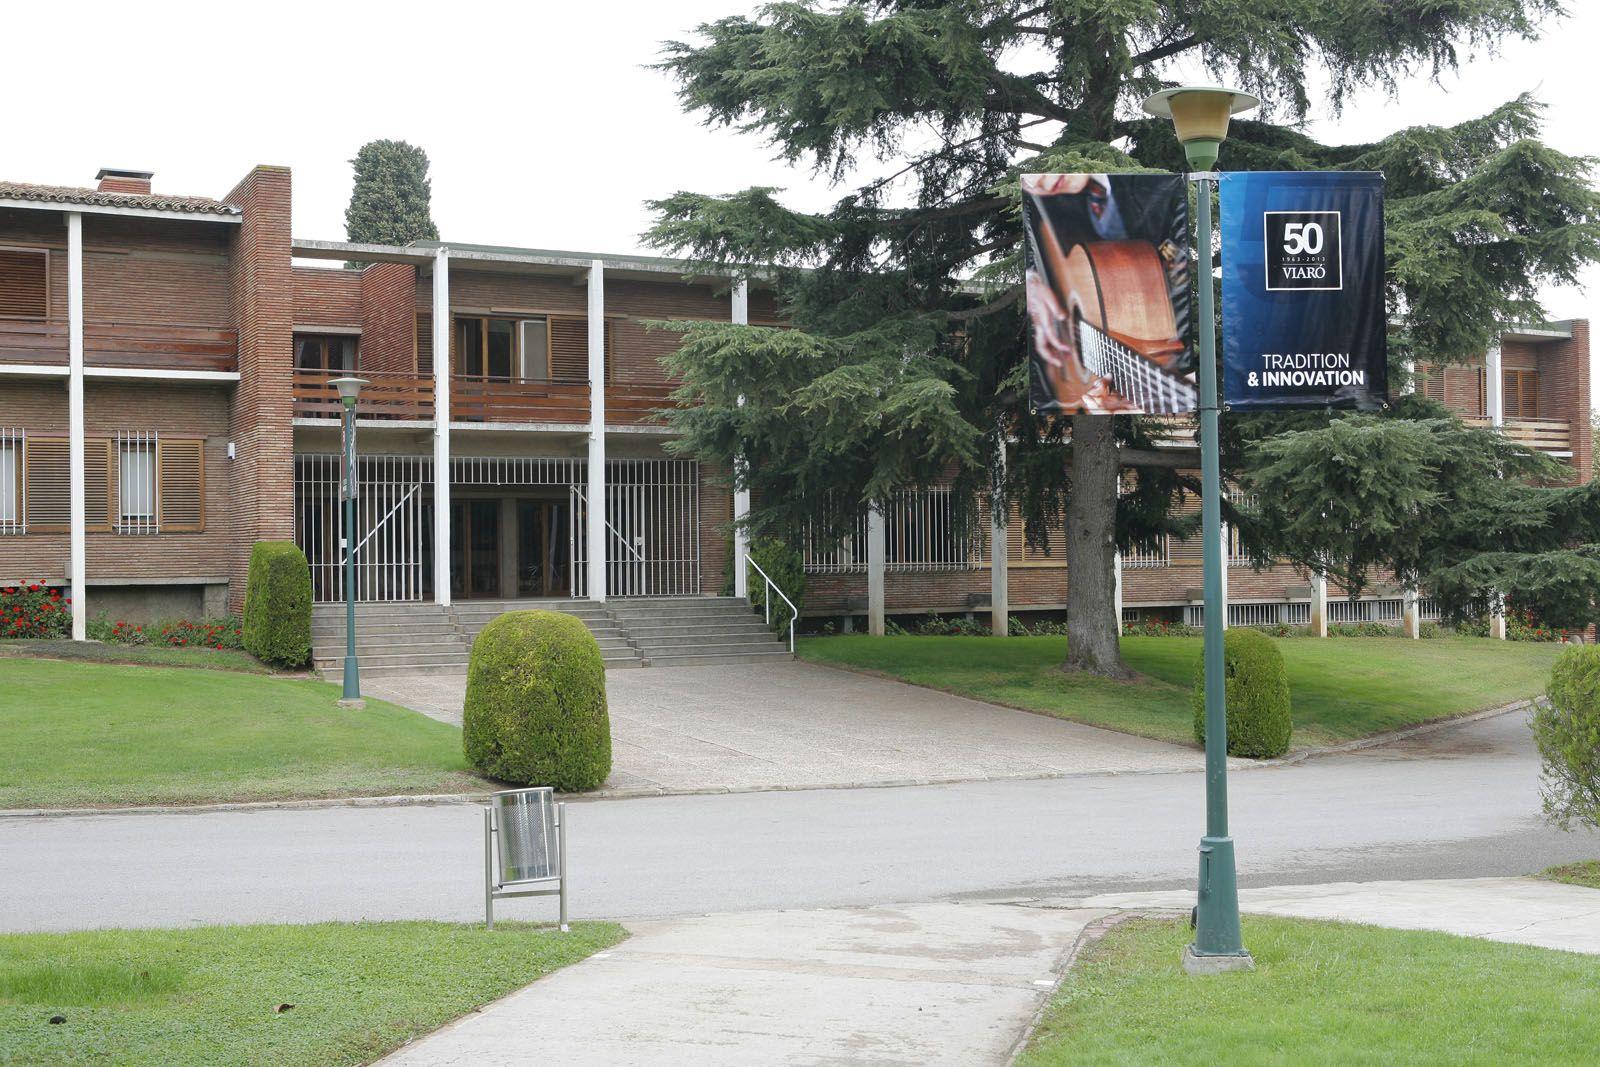 Viaró Global School